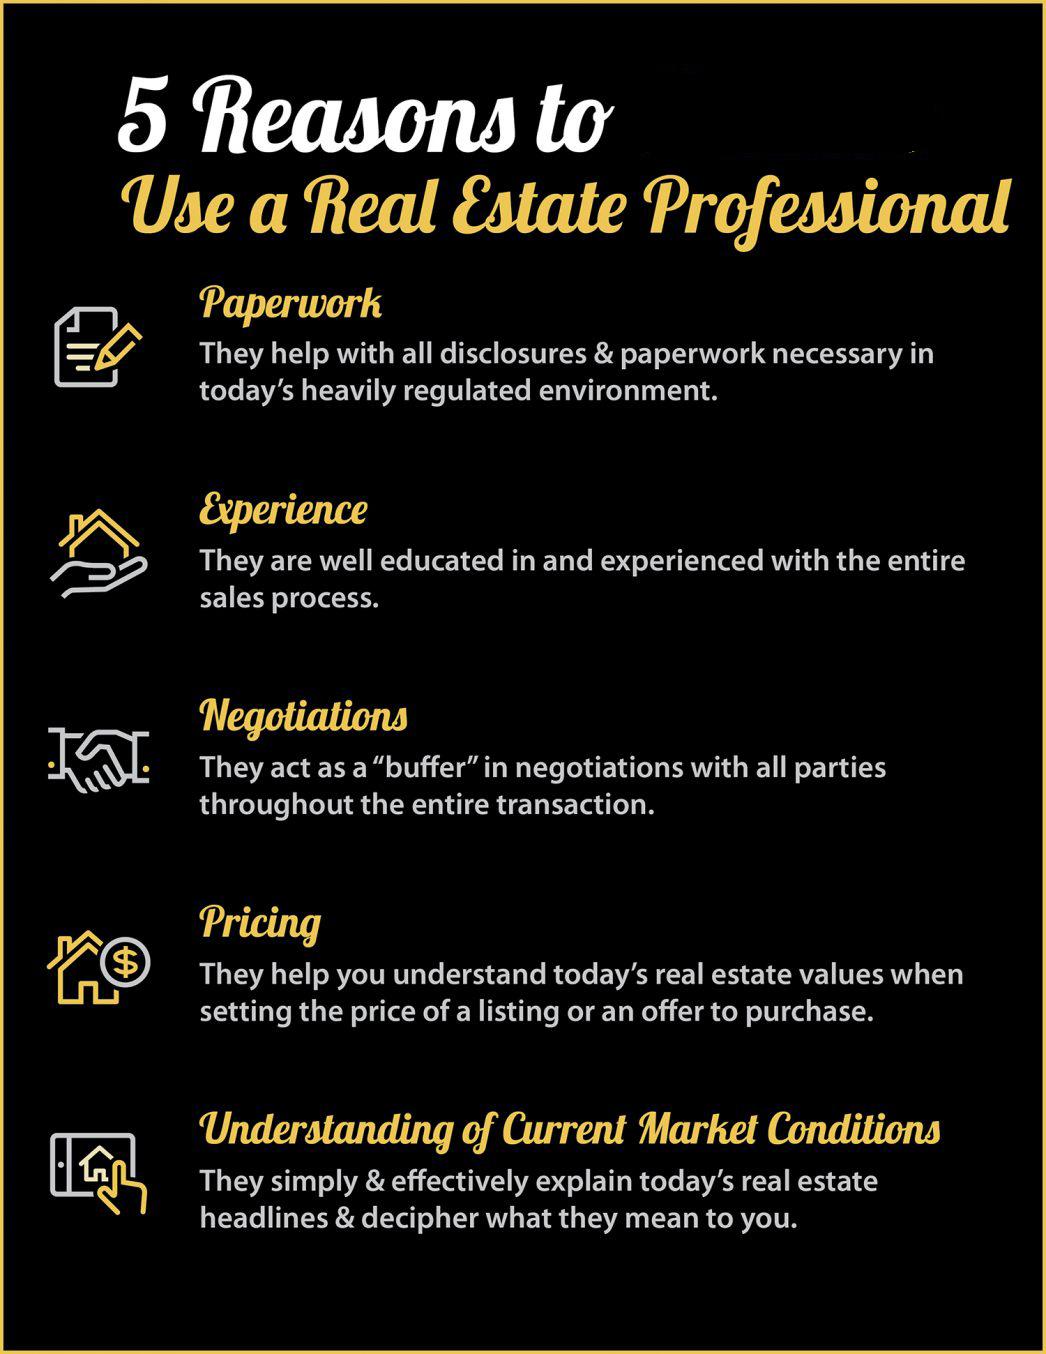 Redding Real Estate Professionals